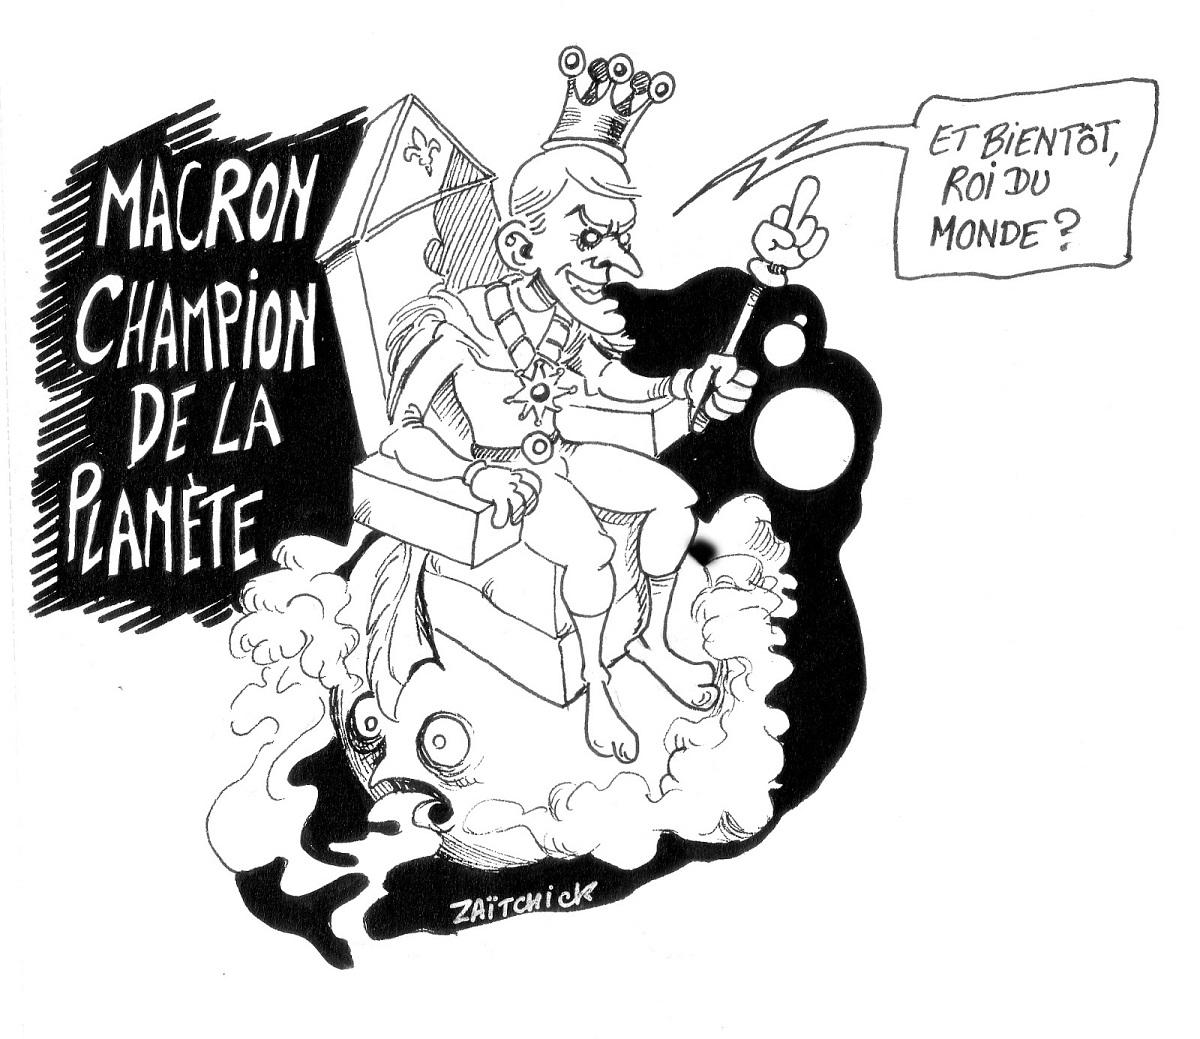 dessin d'actualité humoristique sur la nomination d'Emmanuel Macron Champion de la Planète par l'ONU